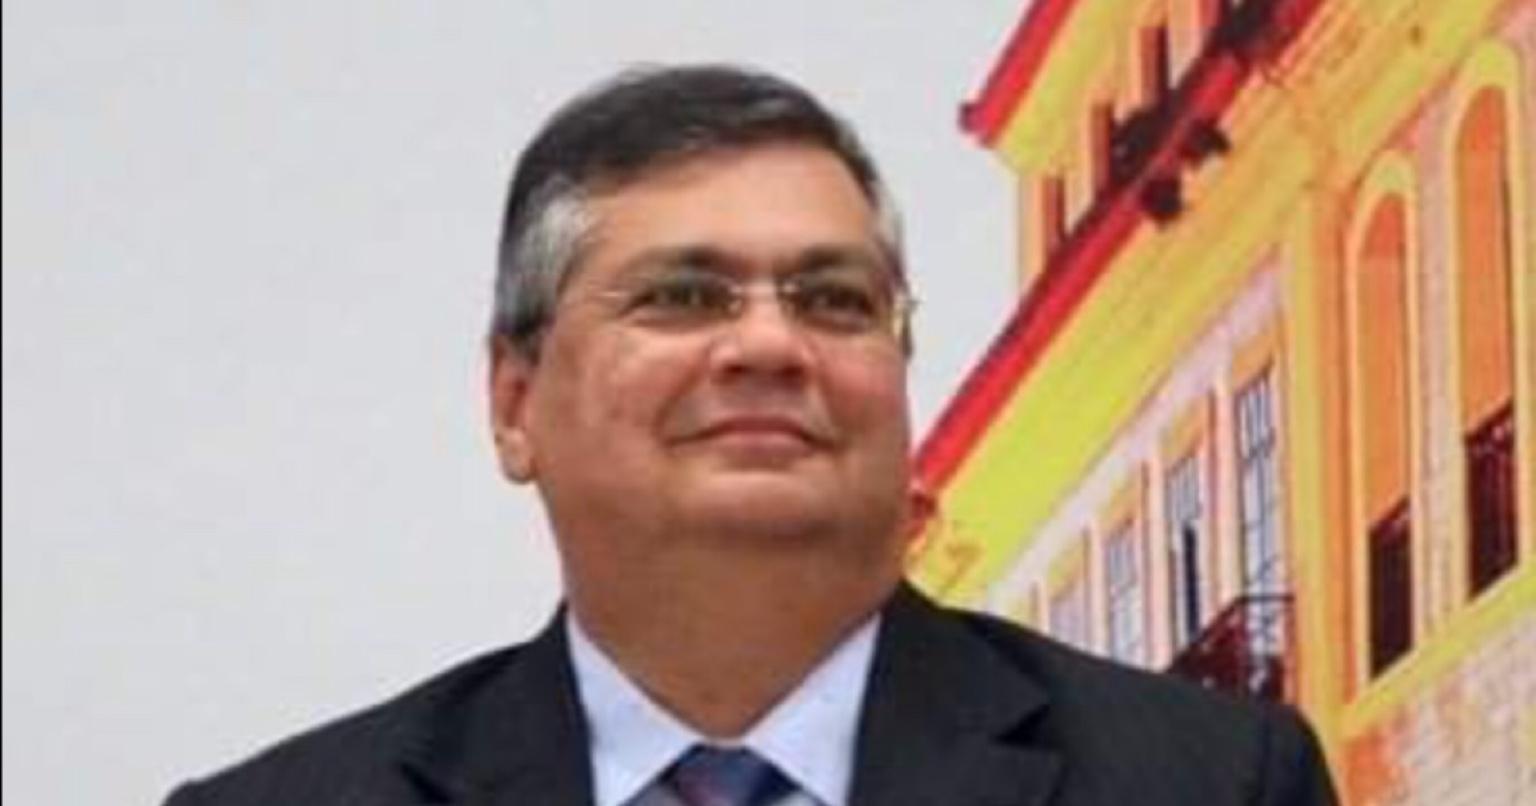 """Flávio Dino sobre Bolsonaro: """"É grave um presidente mentir para criar ódio"""""""